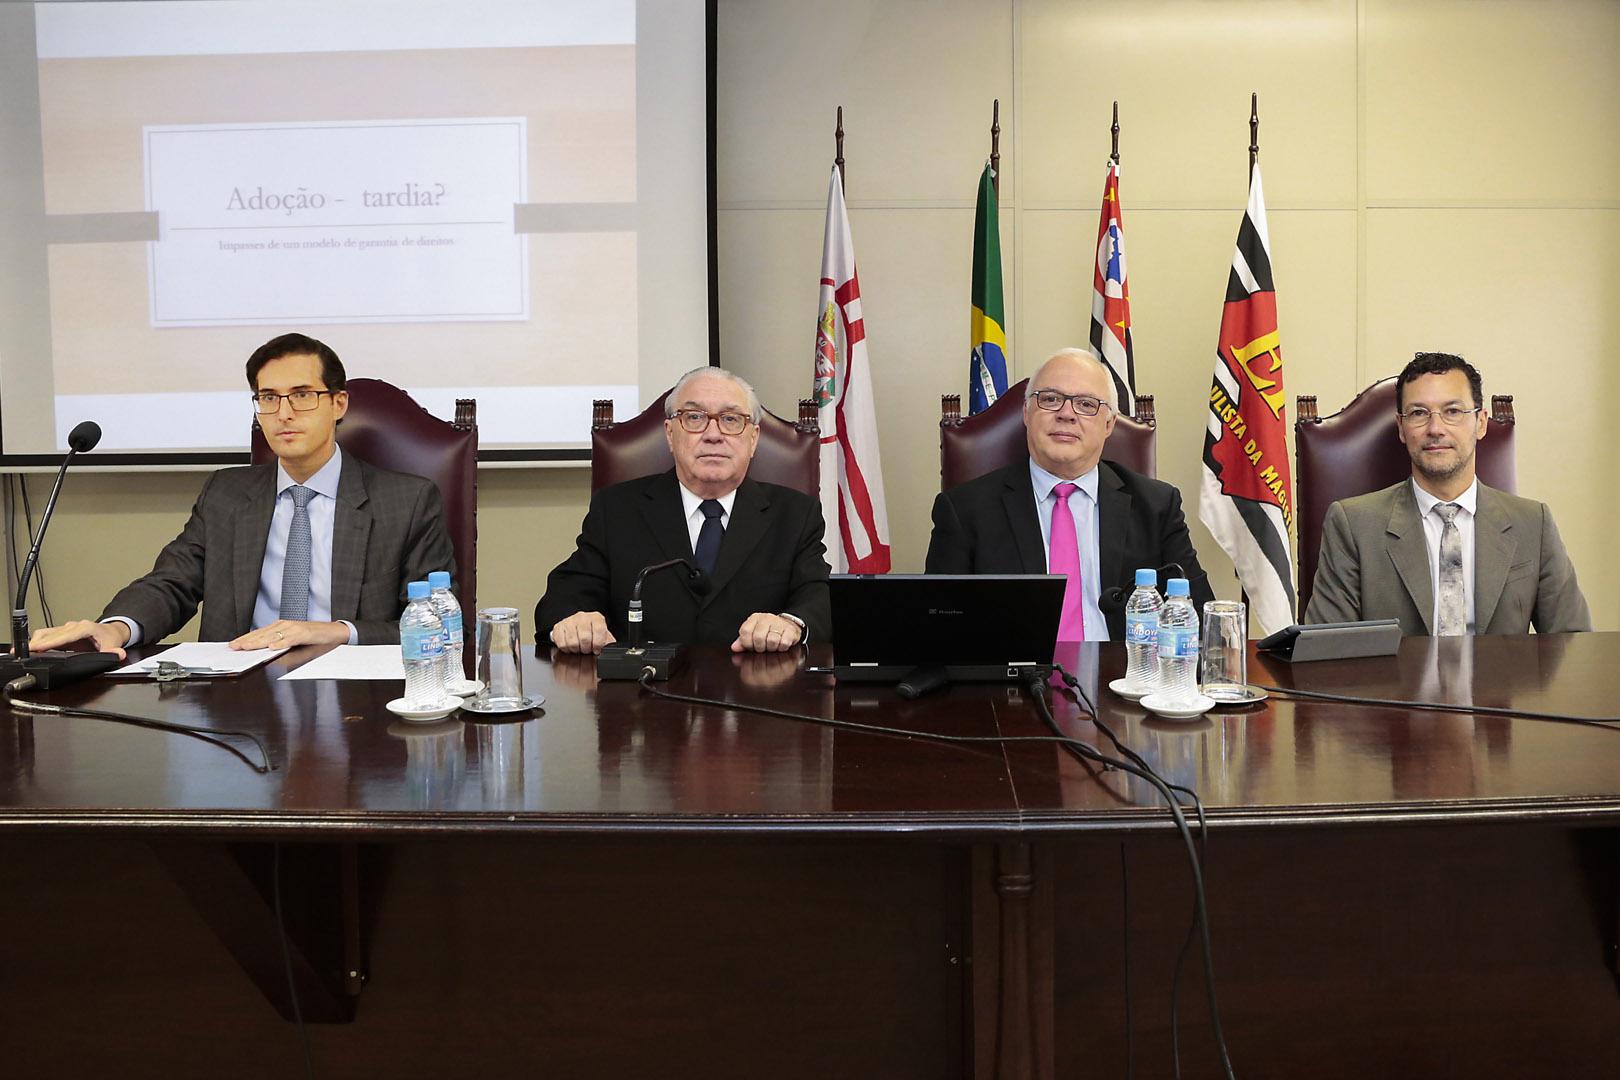 Adoção tardia é debatida em curso na EPM